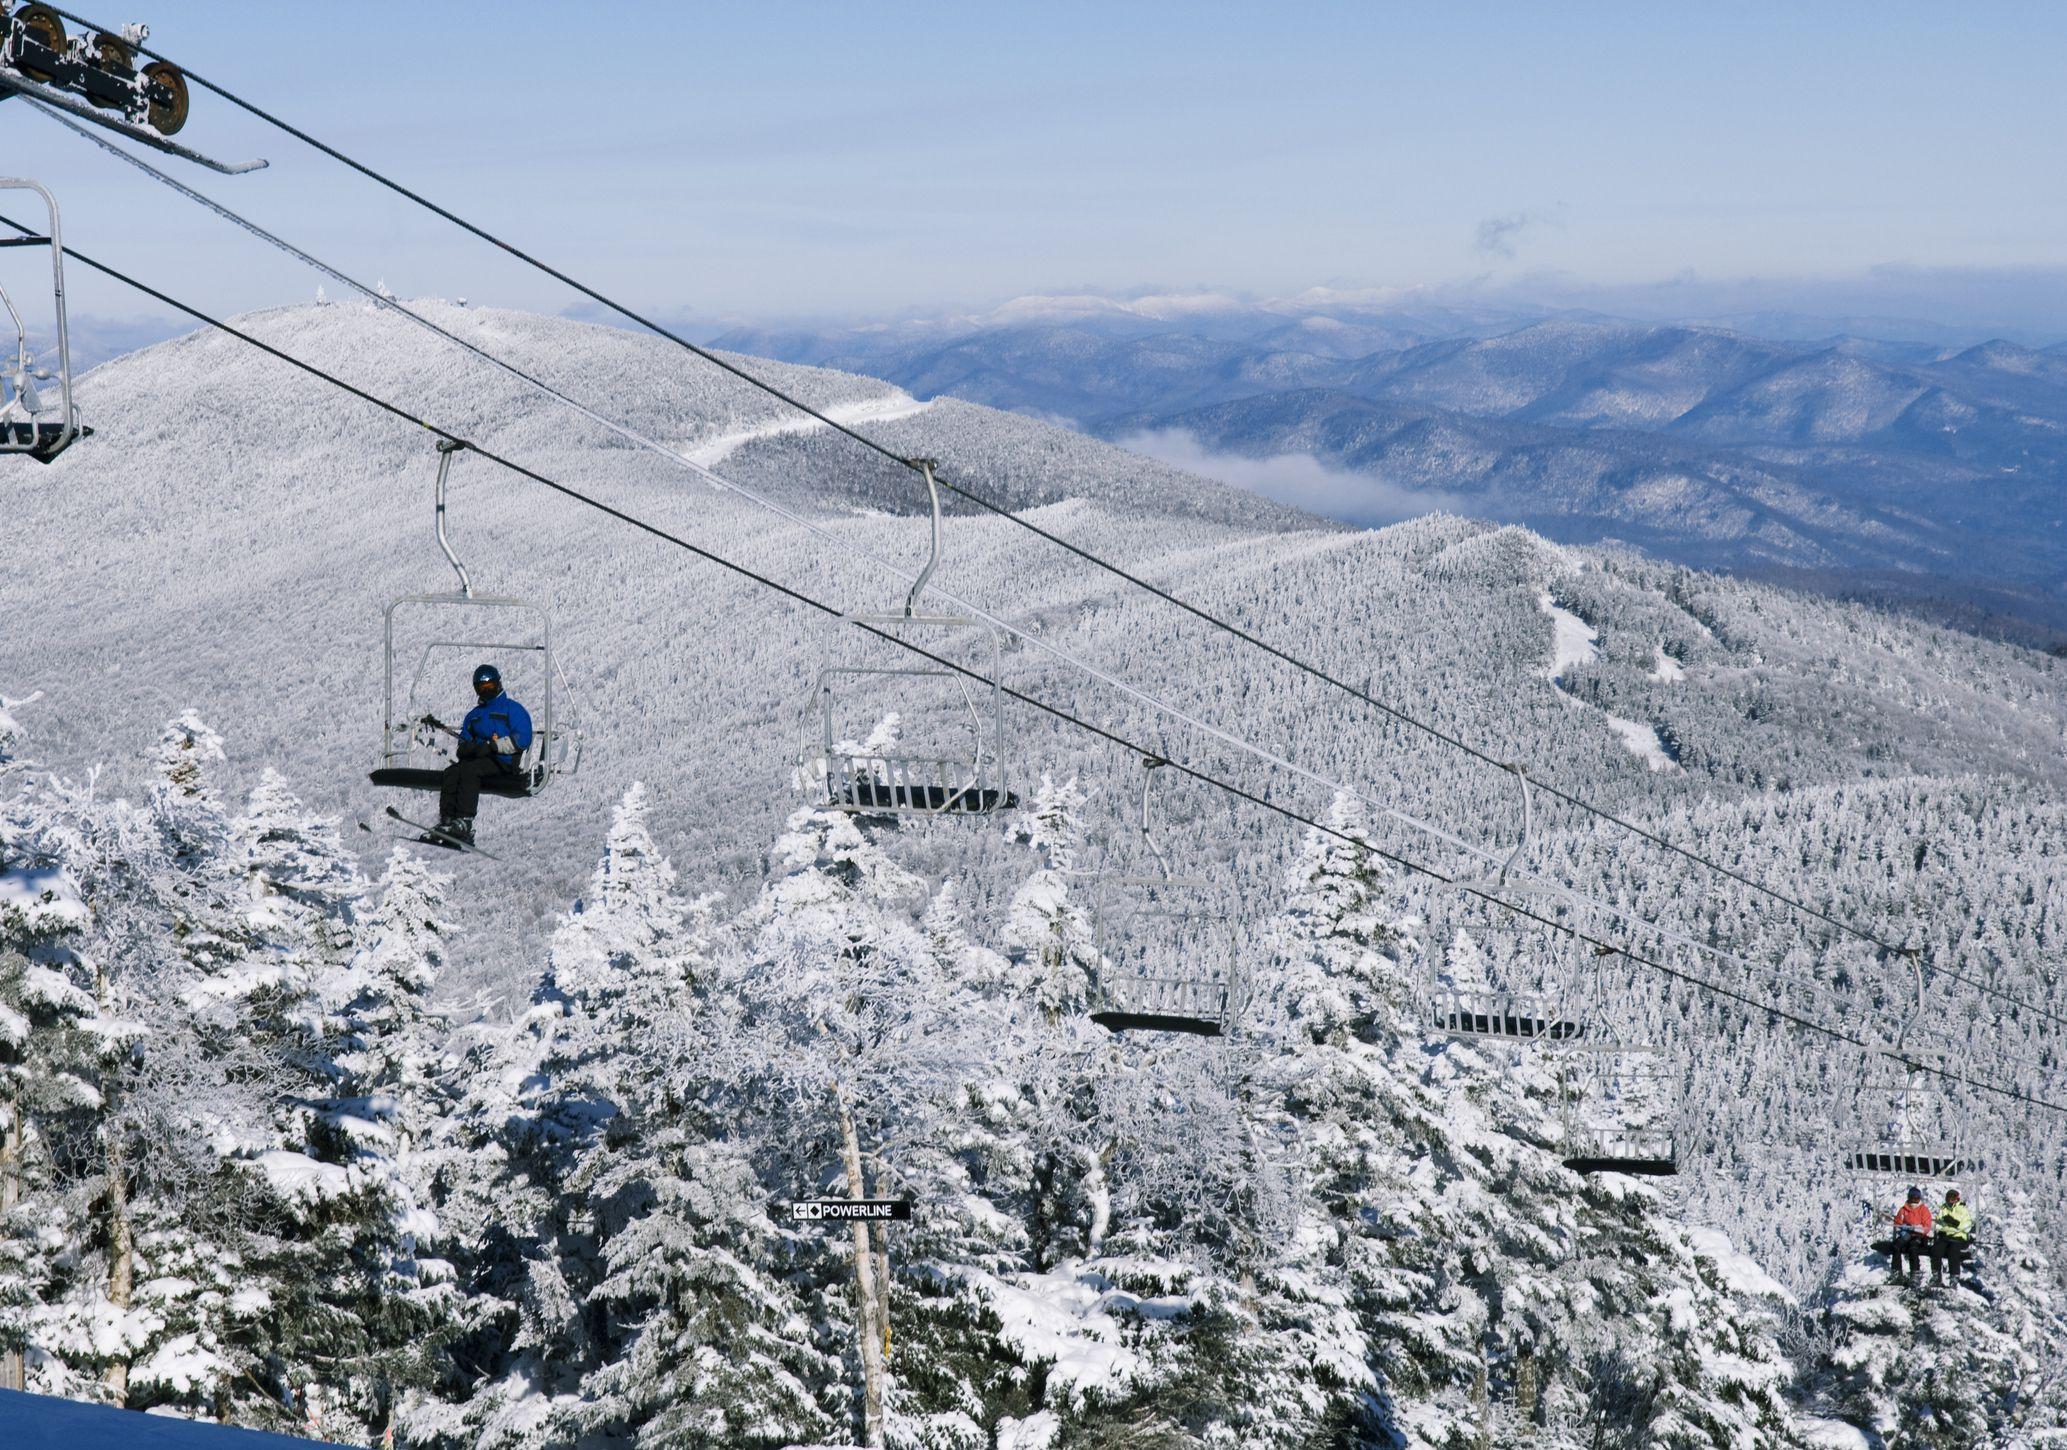 Ski gondolas ascending the slopes, Killington Ski Resort., Vermont